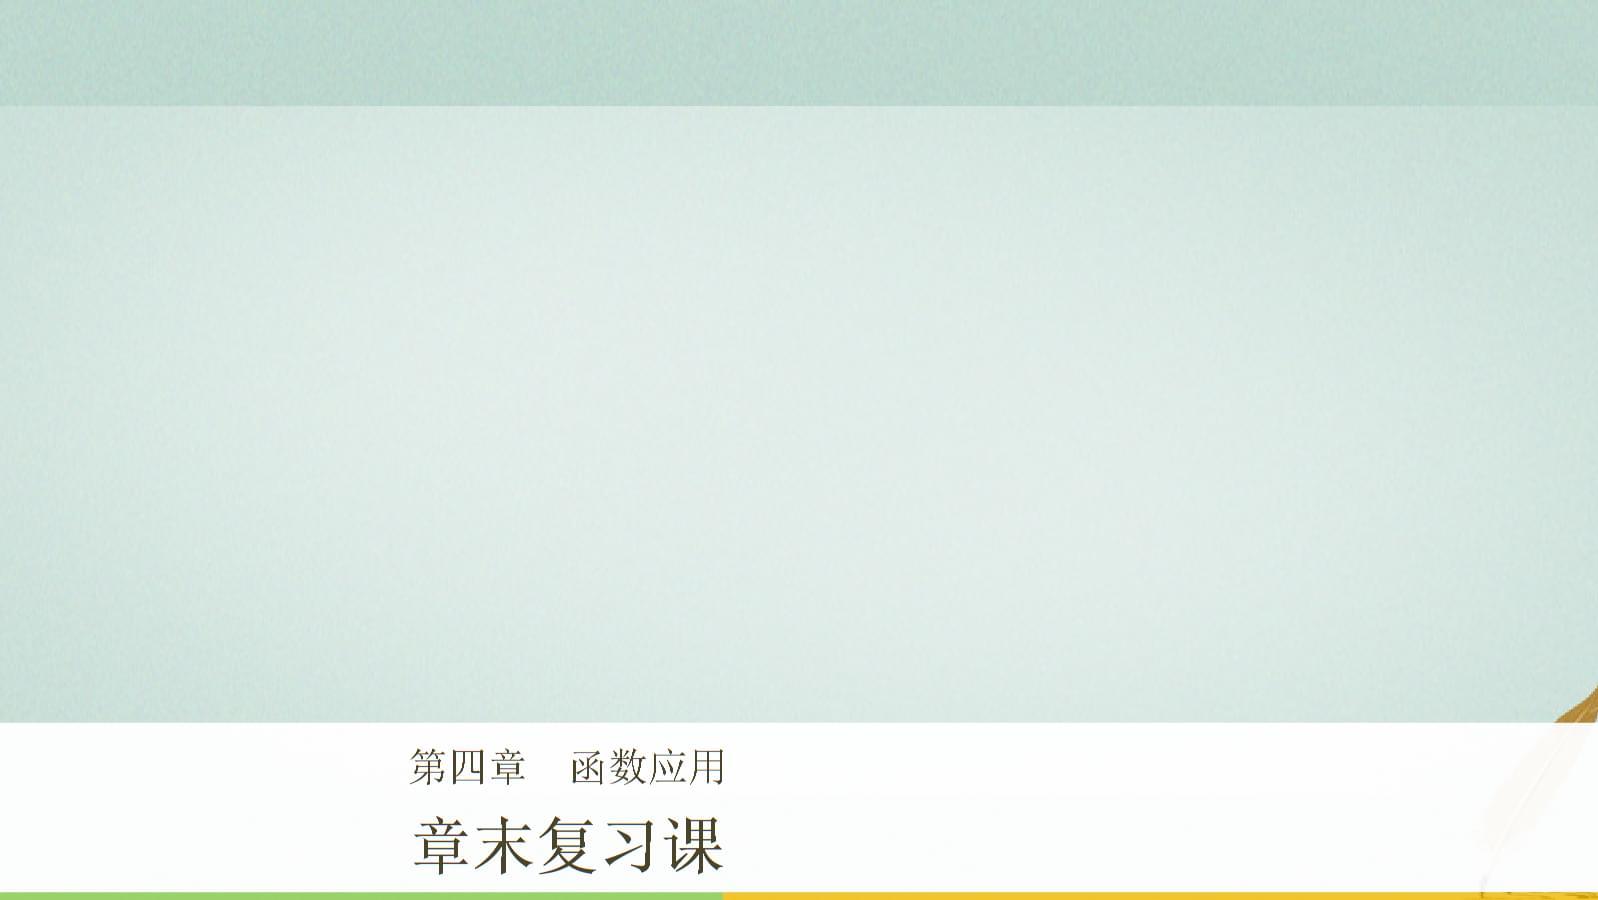 18-19版高中数学 第四章 函数应用章末复习课 .ppt